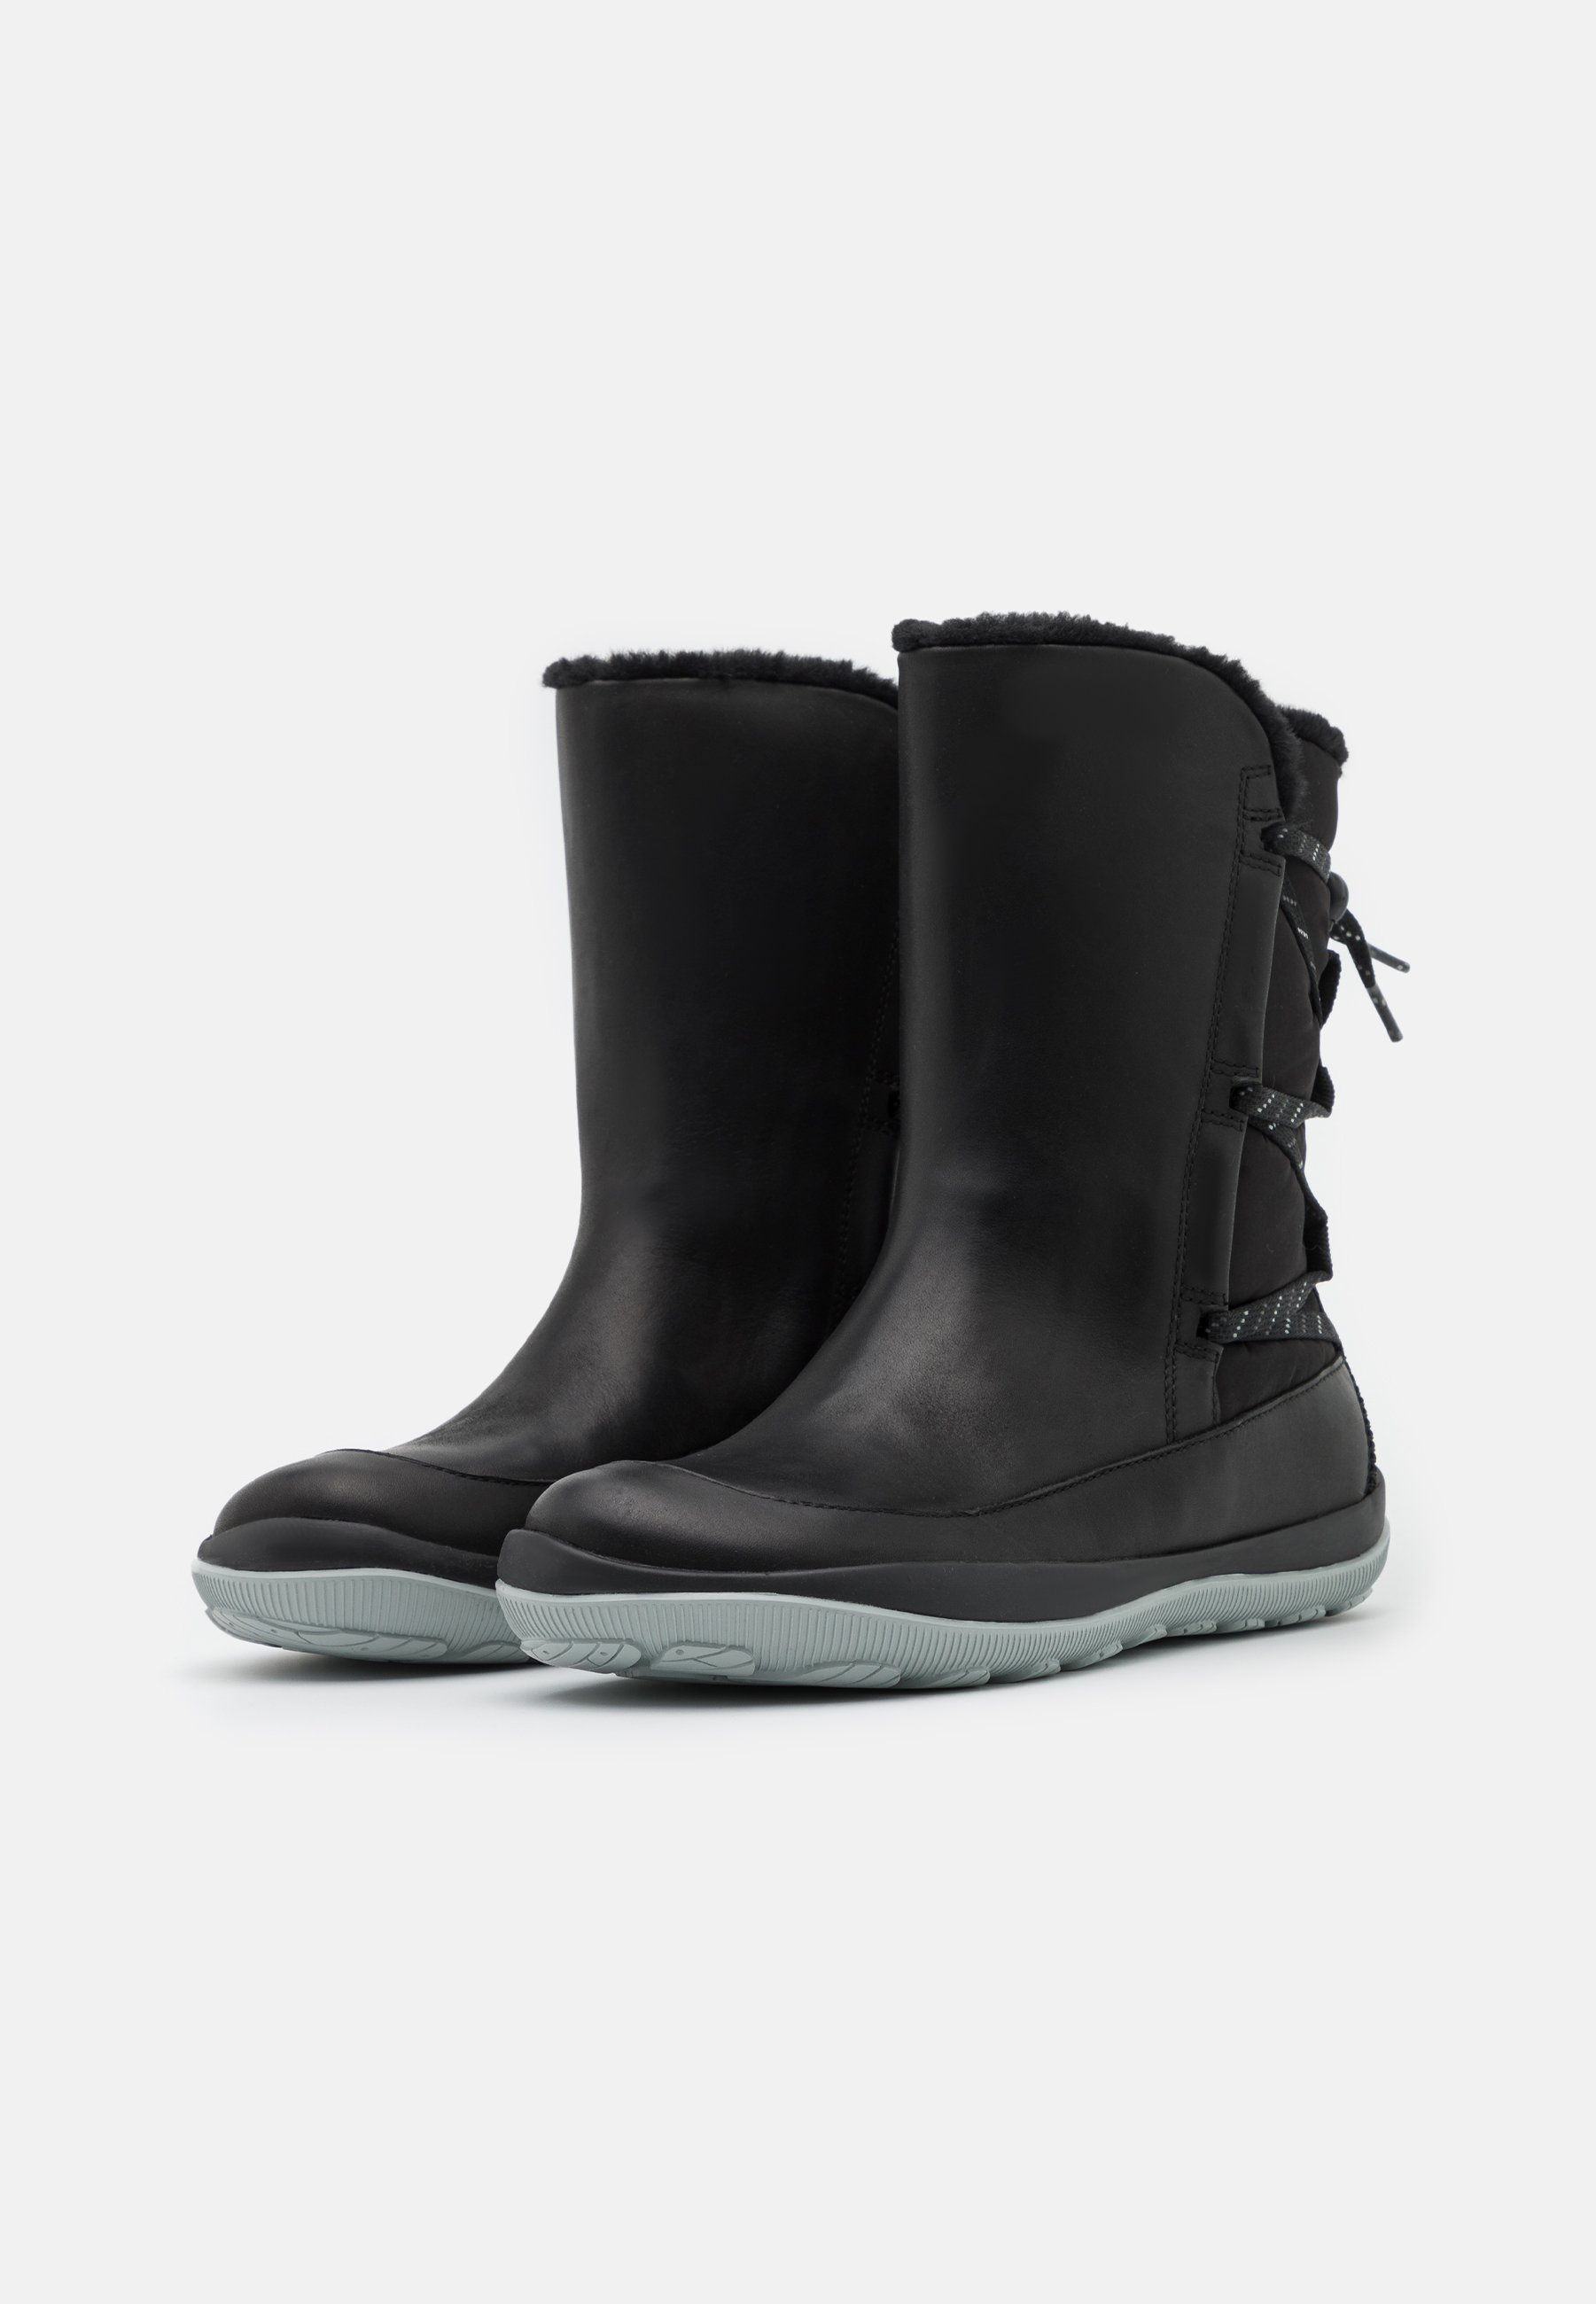 Camper PEU PISTA Snowboot/Winterstiefel black/schwarz